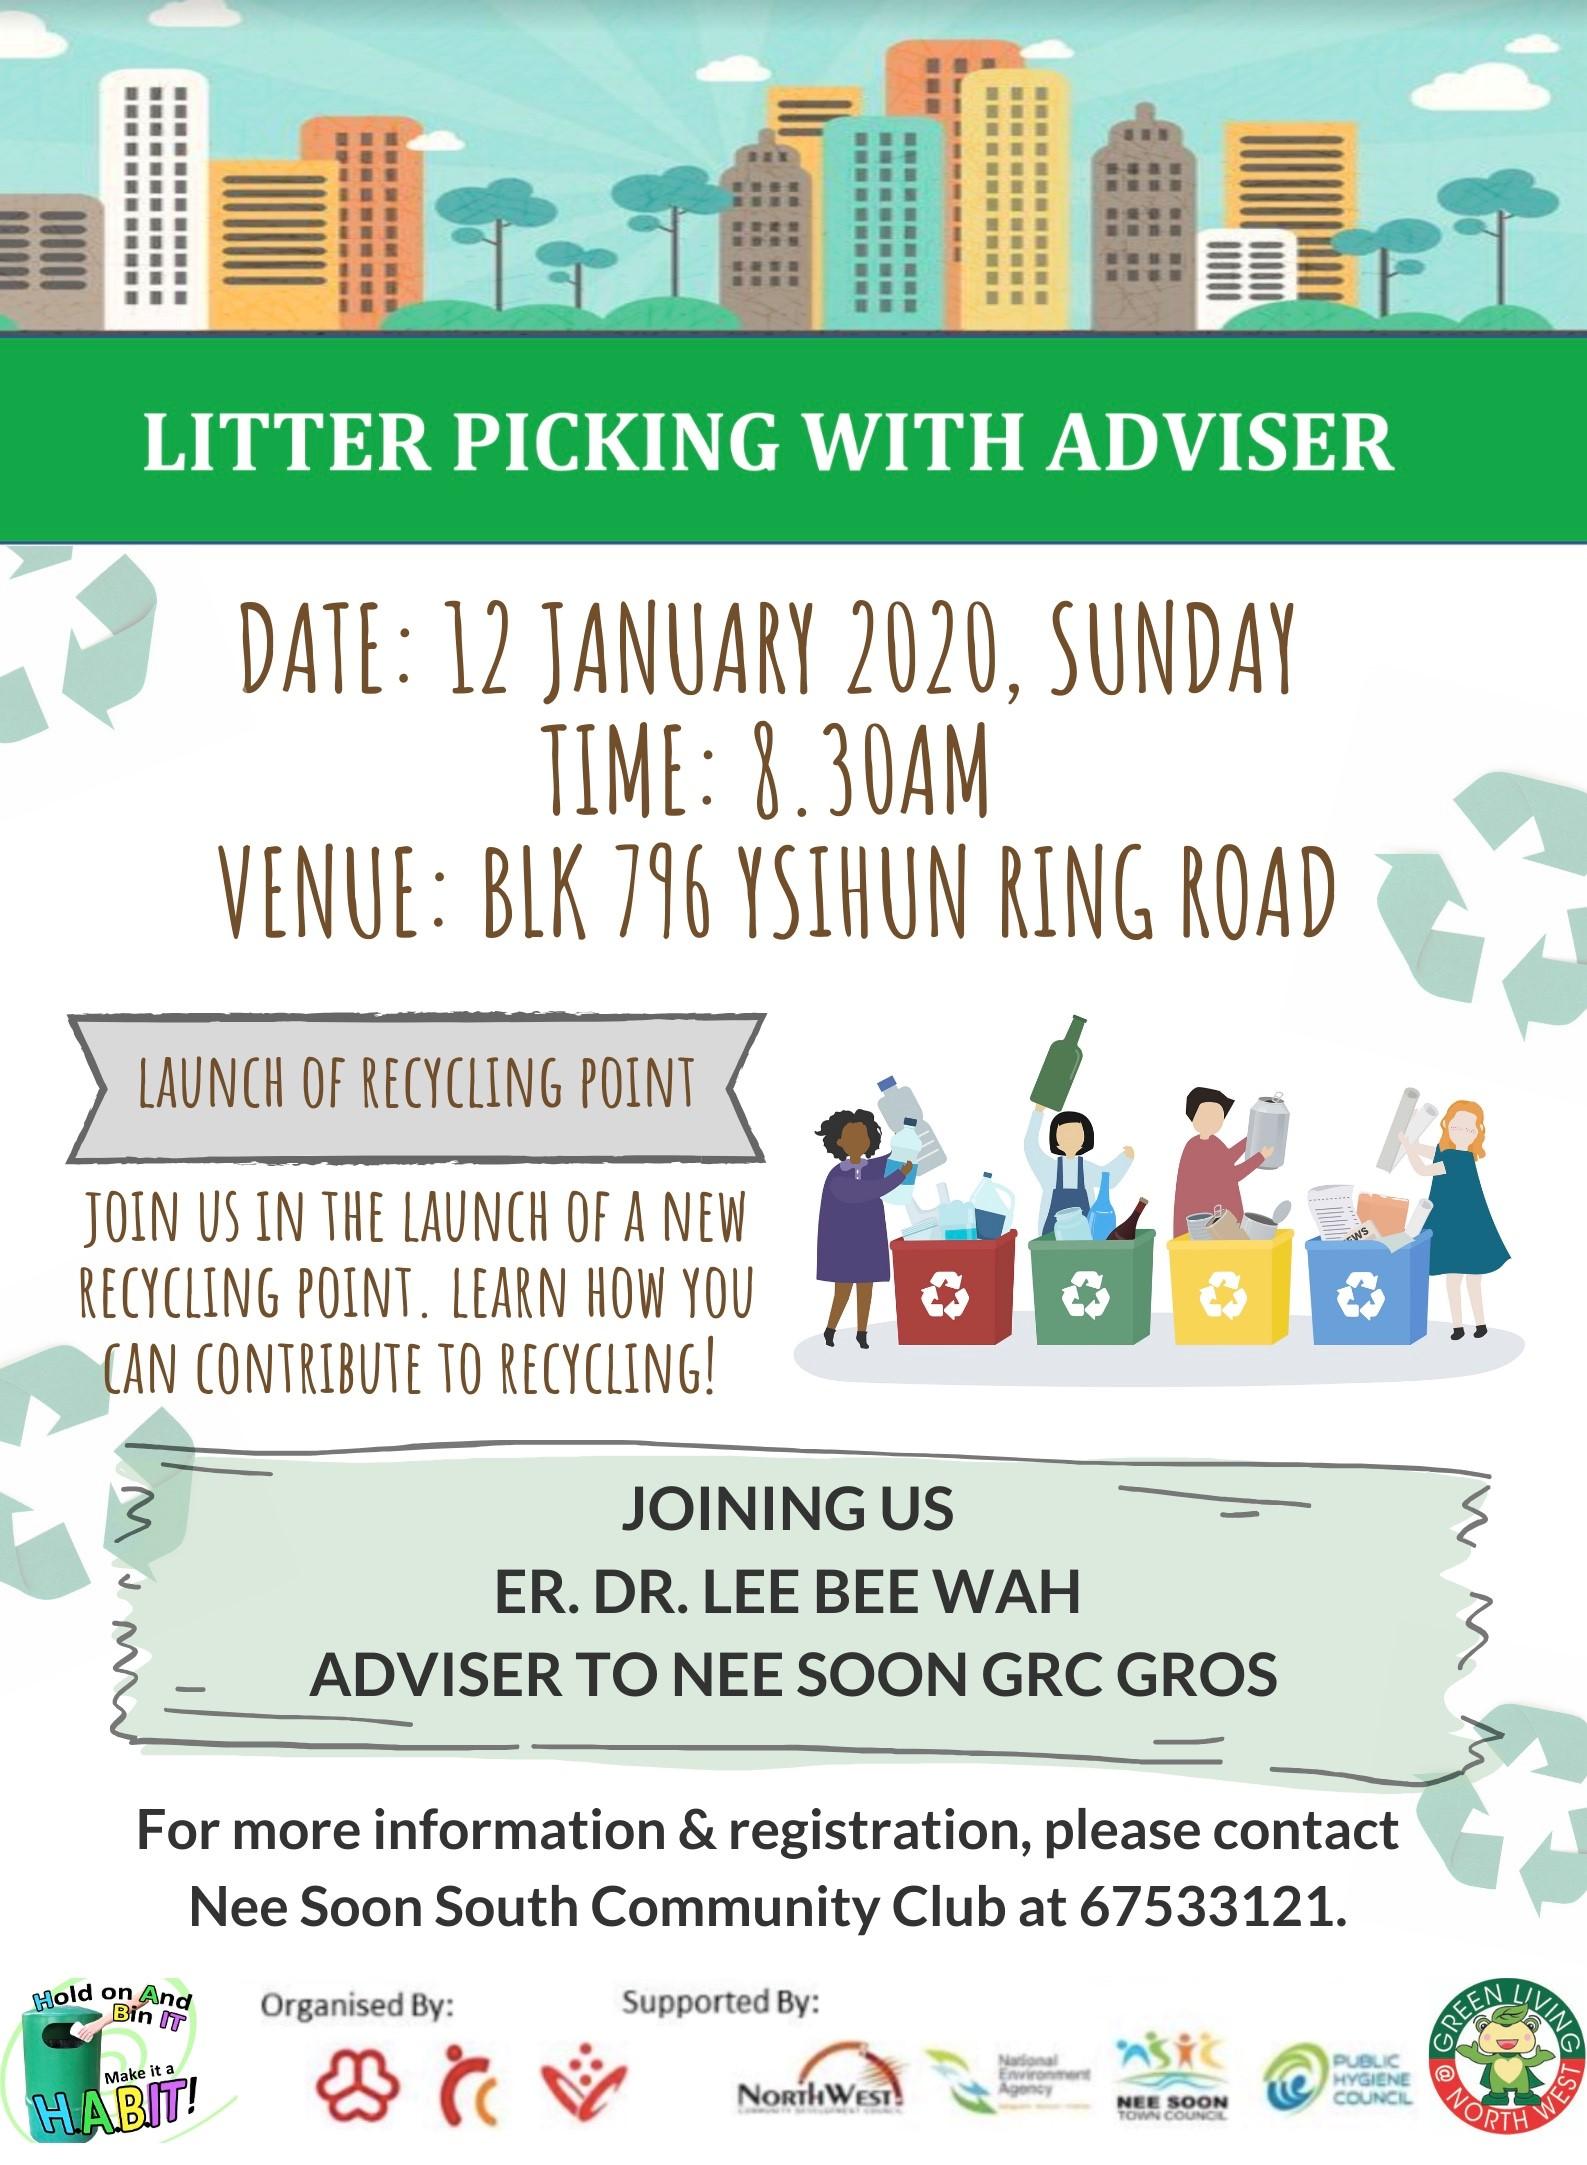 Litter Picking With Adviser